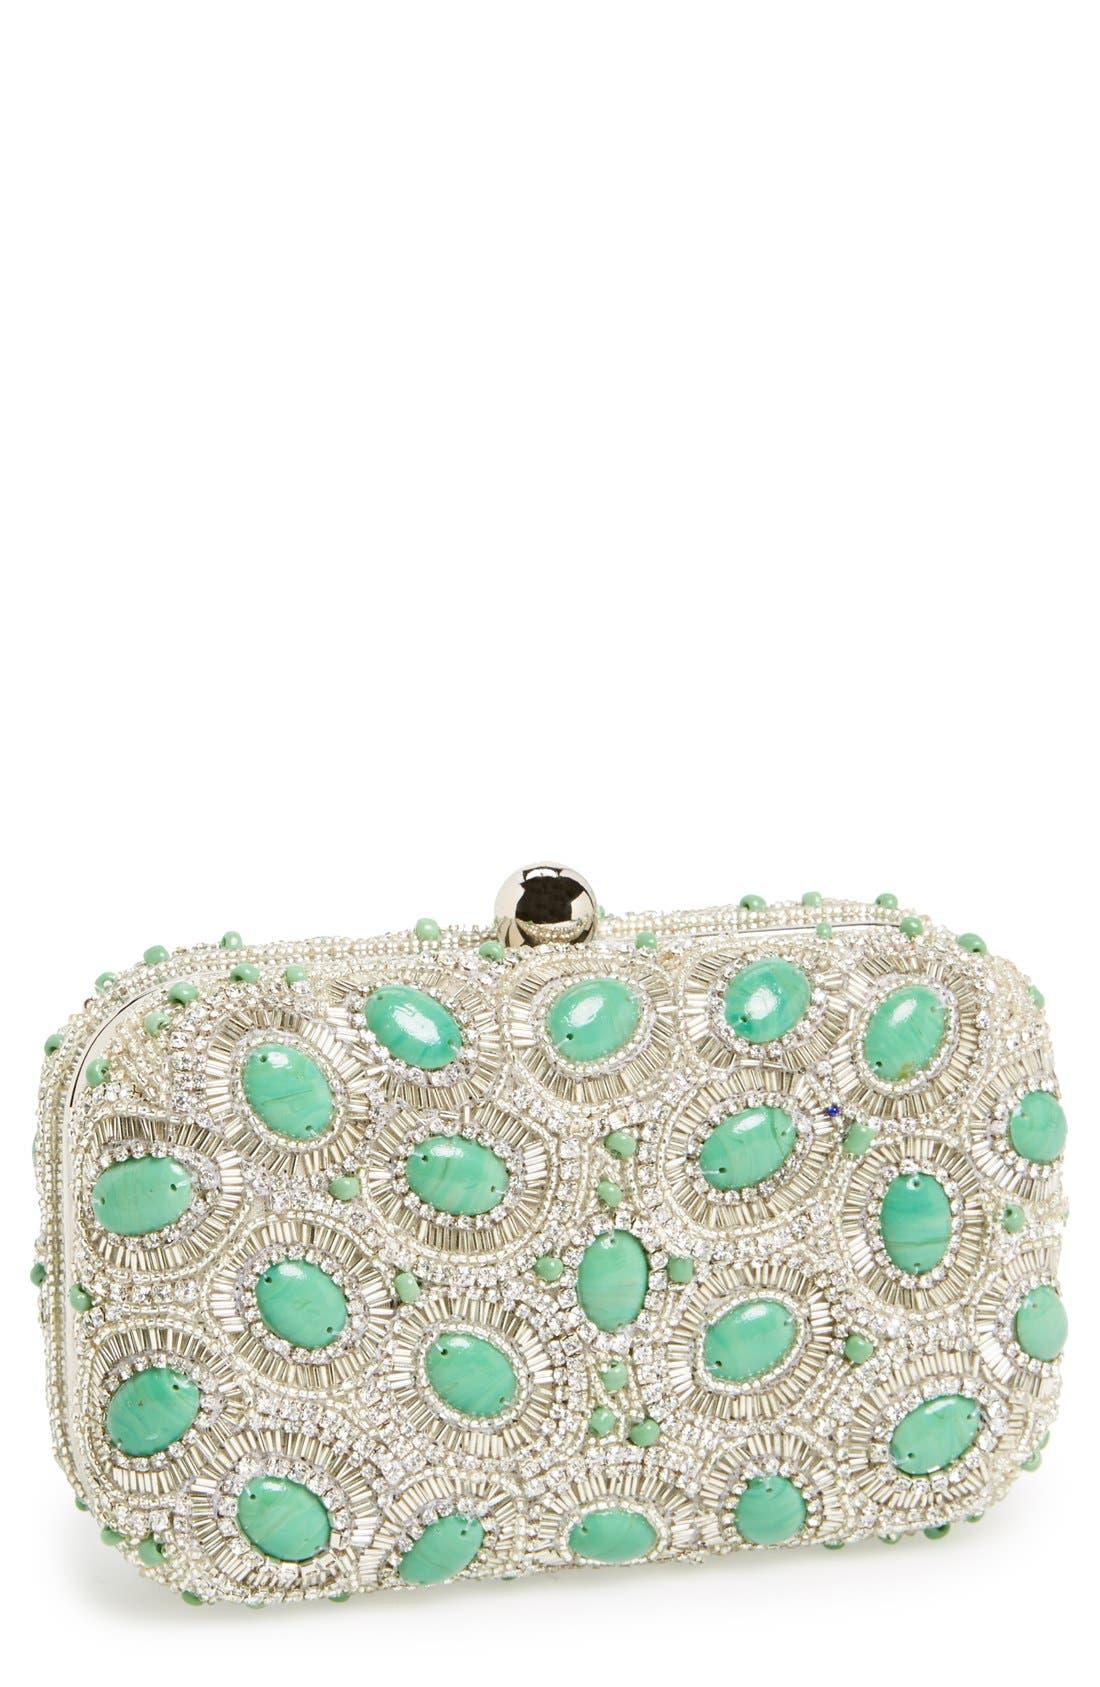 Main Image - Micky London Handbags Rhinestone Minaudiere